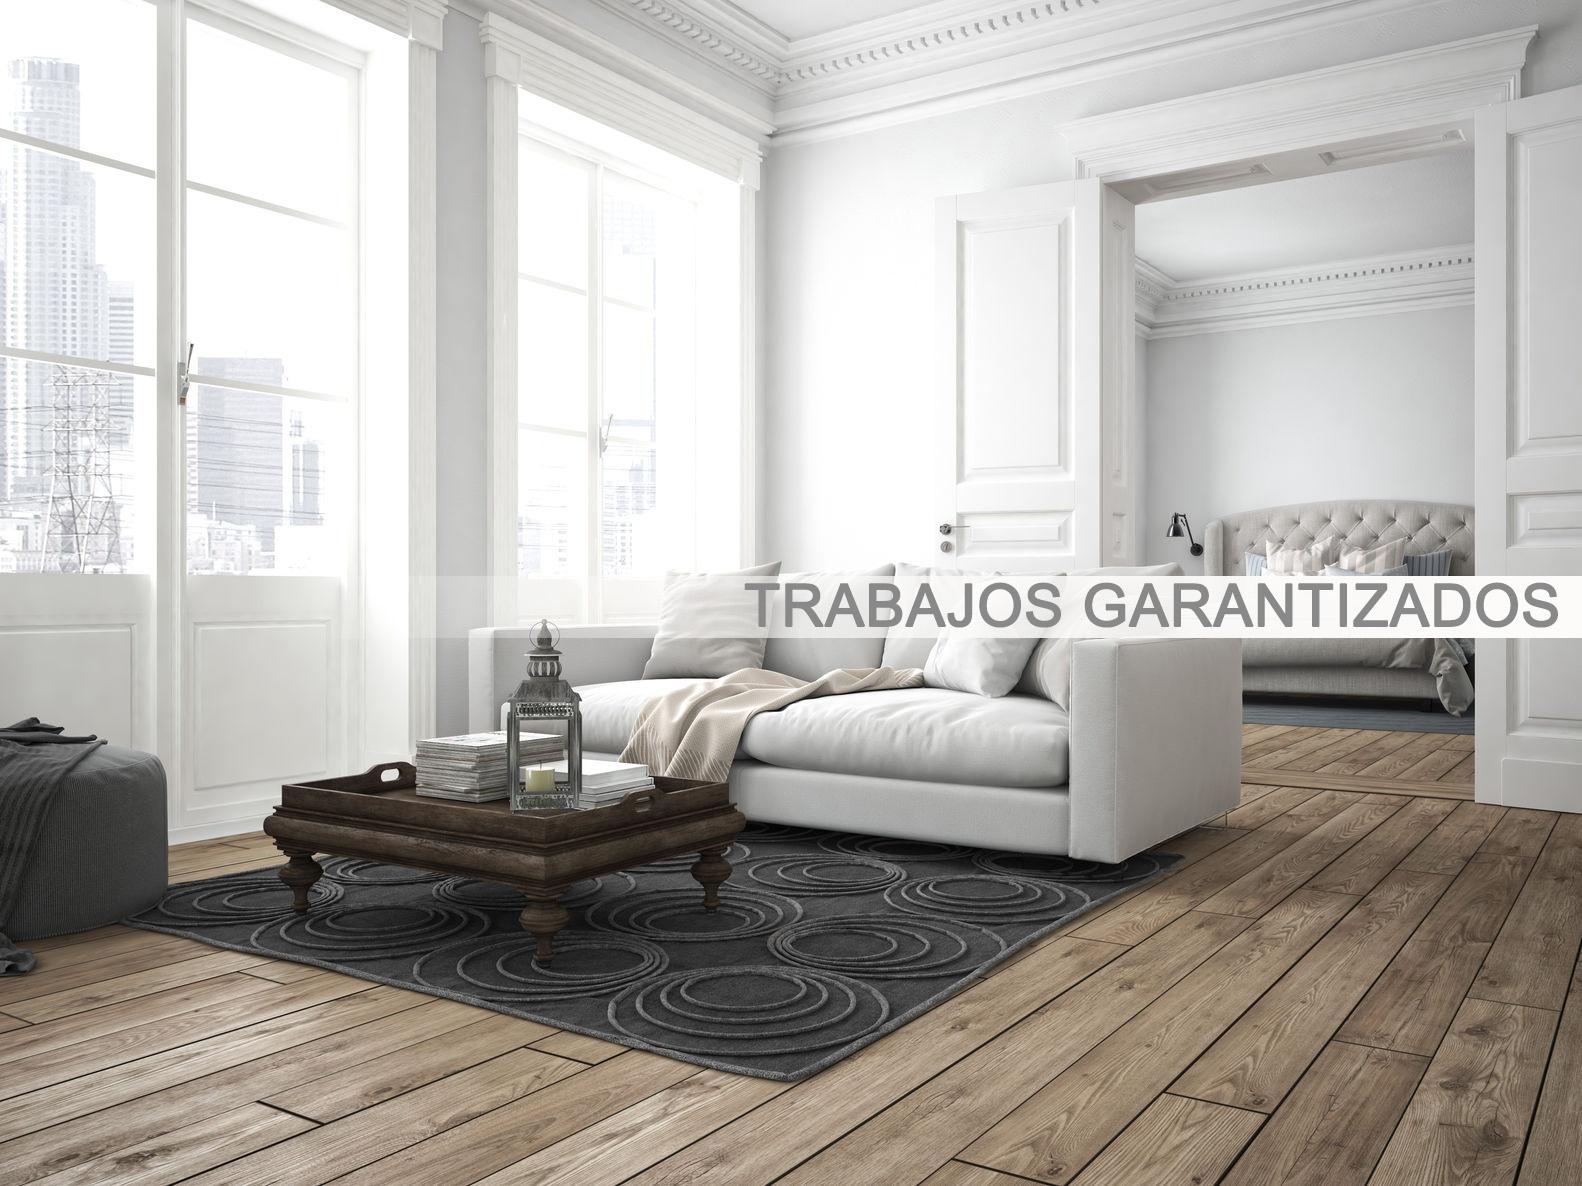 Hammer design group empresa reformas generales en arturo - Reformas integrales madrid centro ...